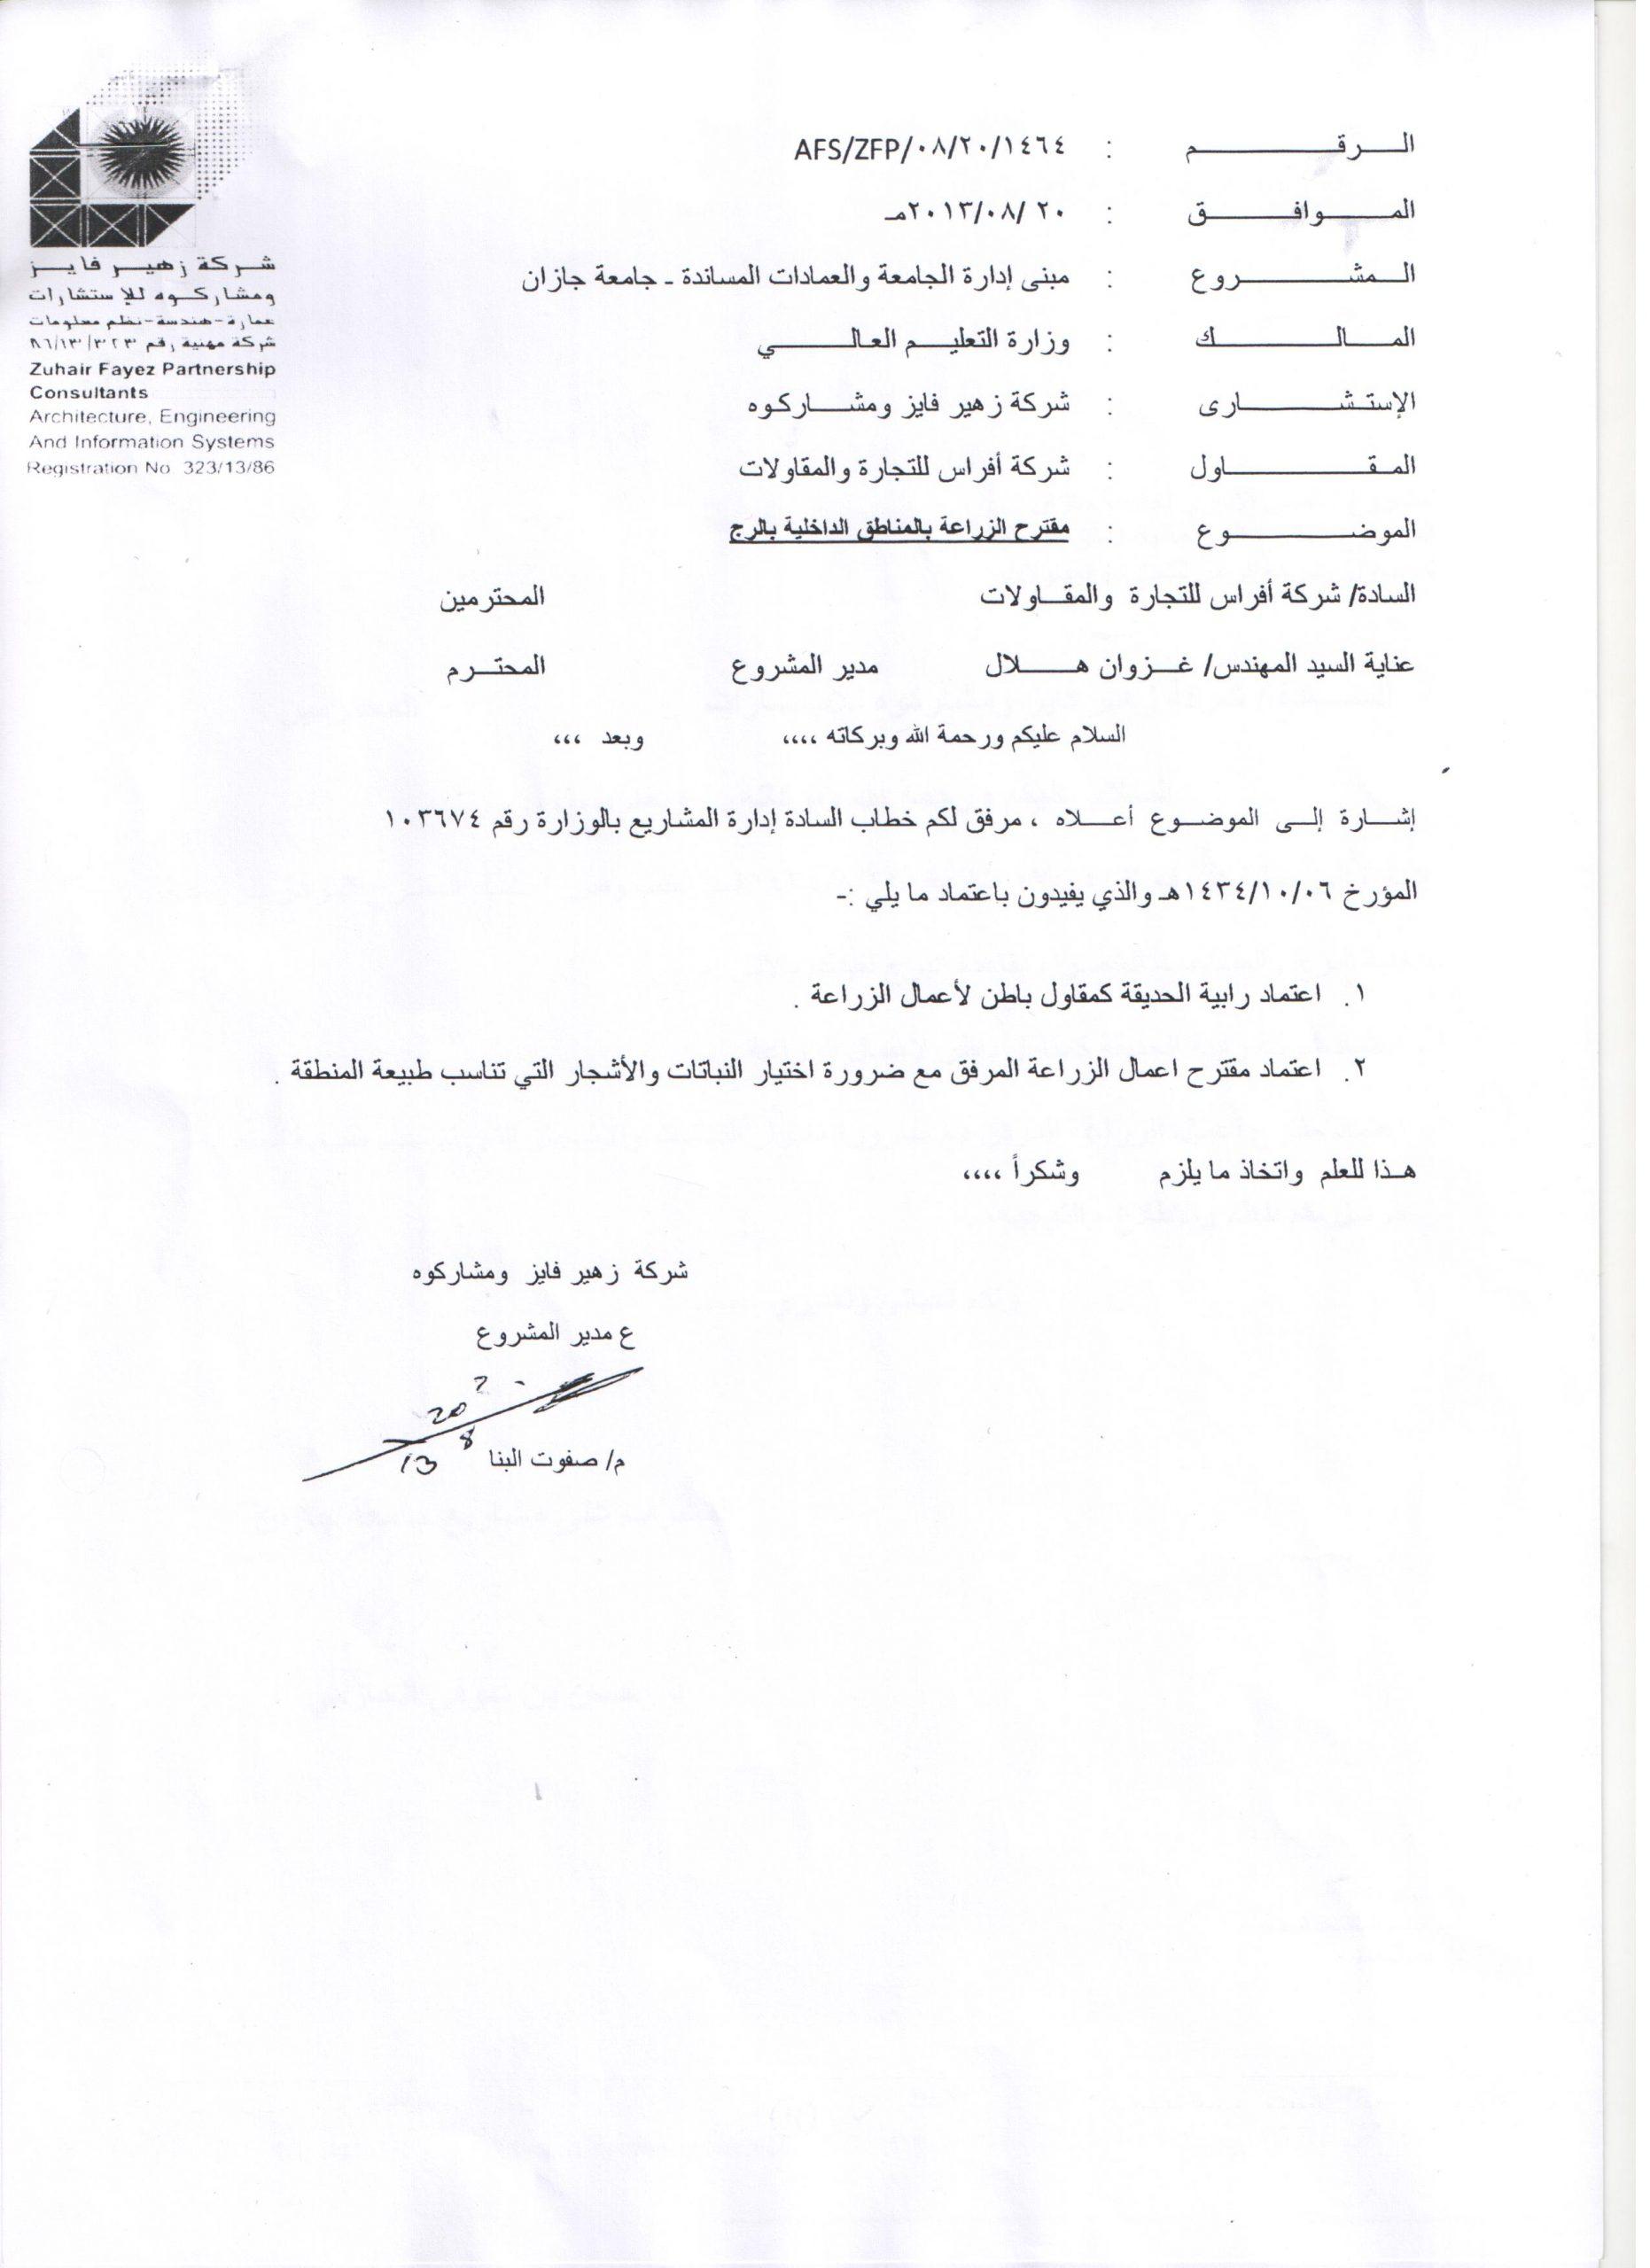 مشروع مبنى ادارة الجامة والعمادات المساندة - جامعة جازان